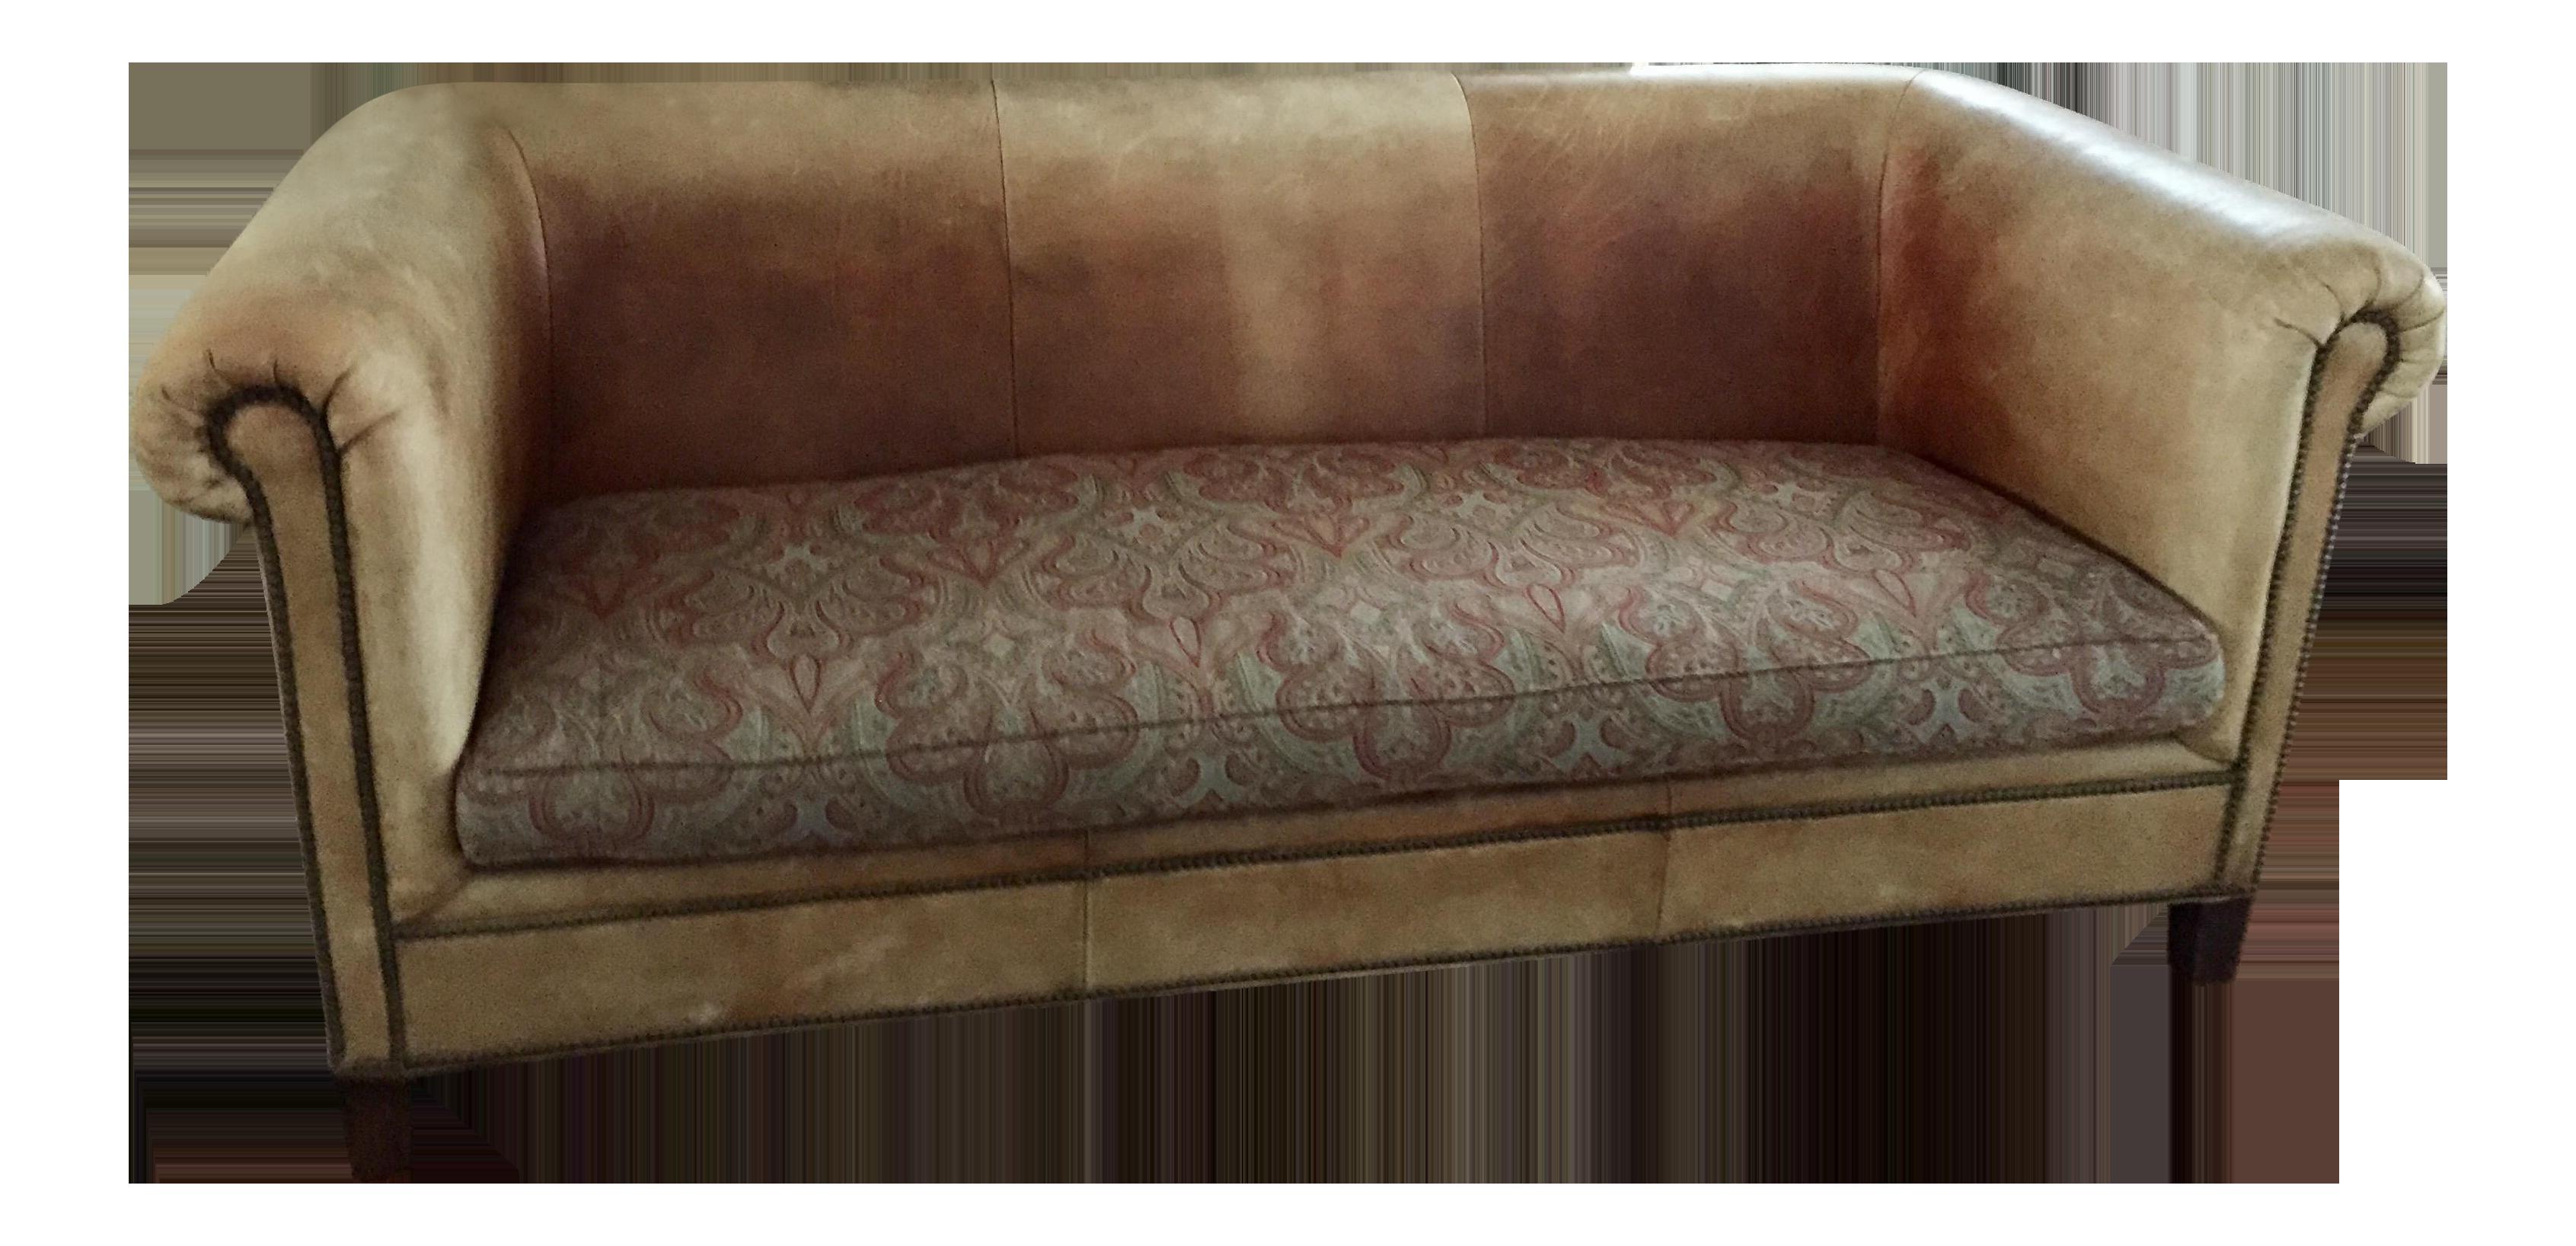 next brompton leather sofa bed bobs ralph lauren gradschoolfairs